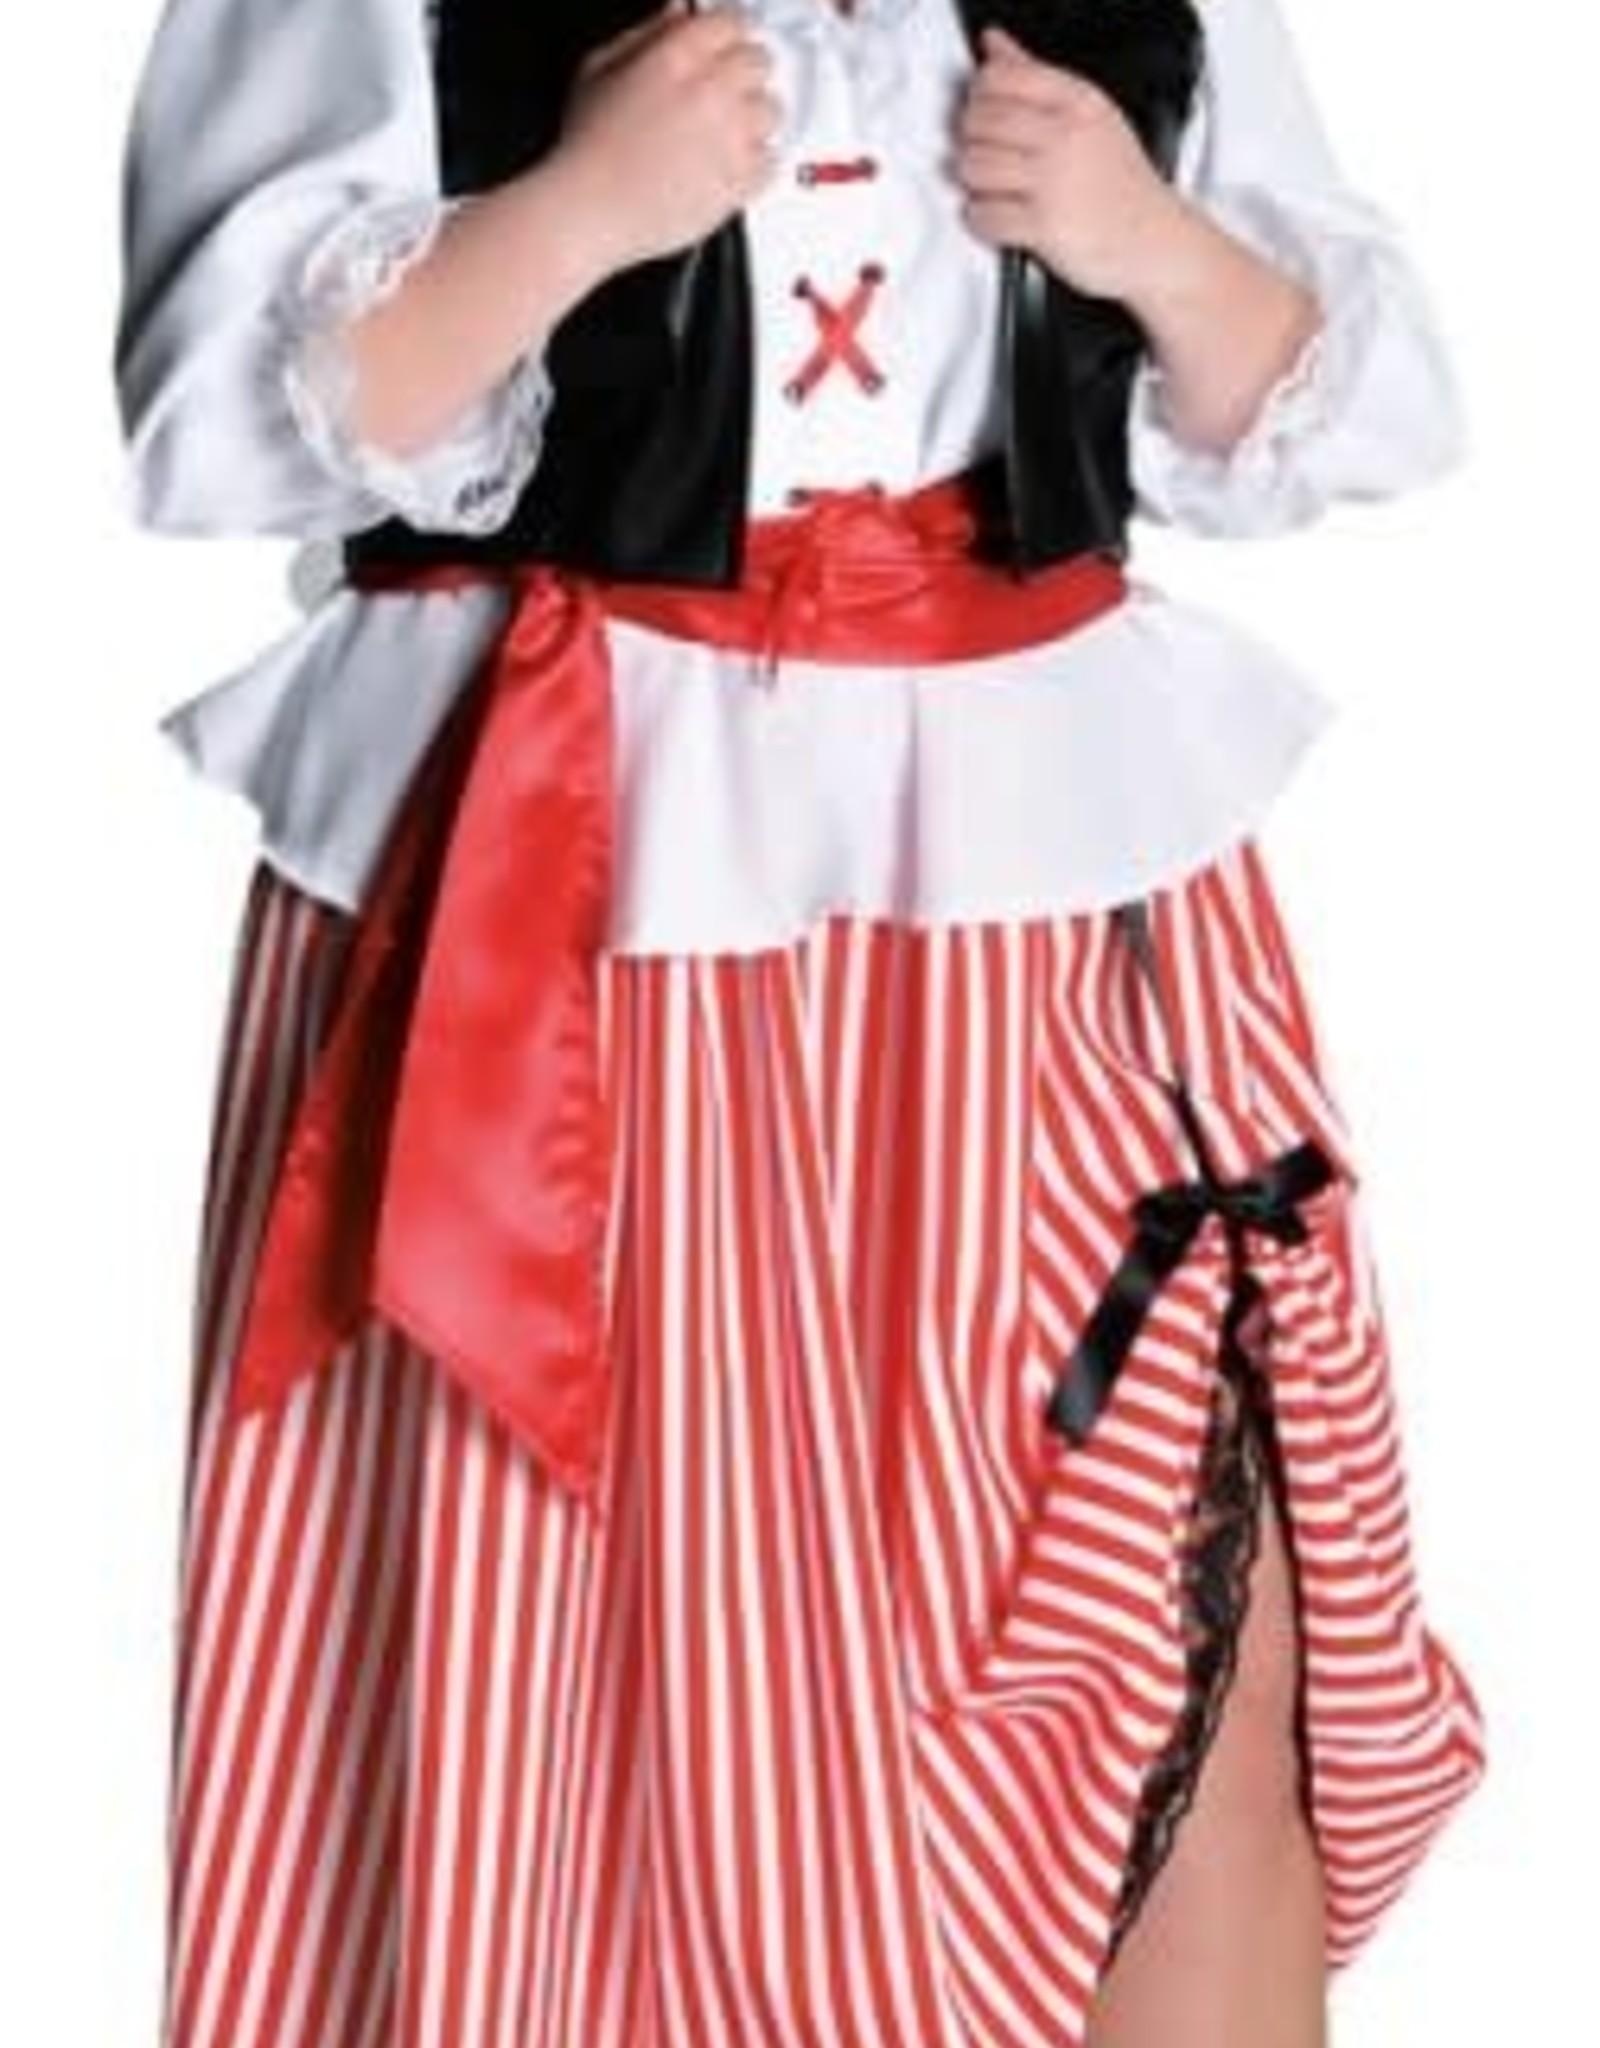 MAGIC Piraatdame XXL huurprijs € 20